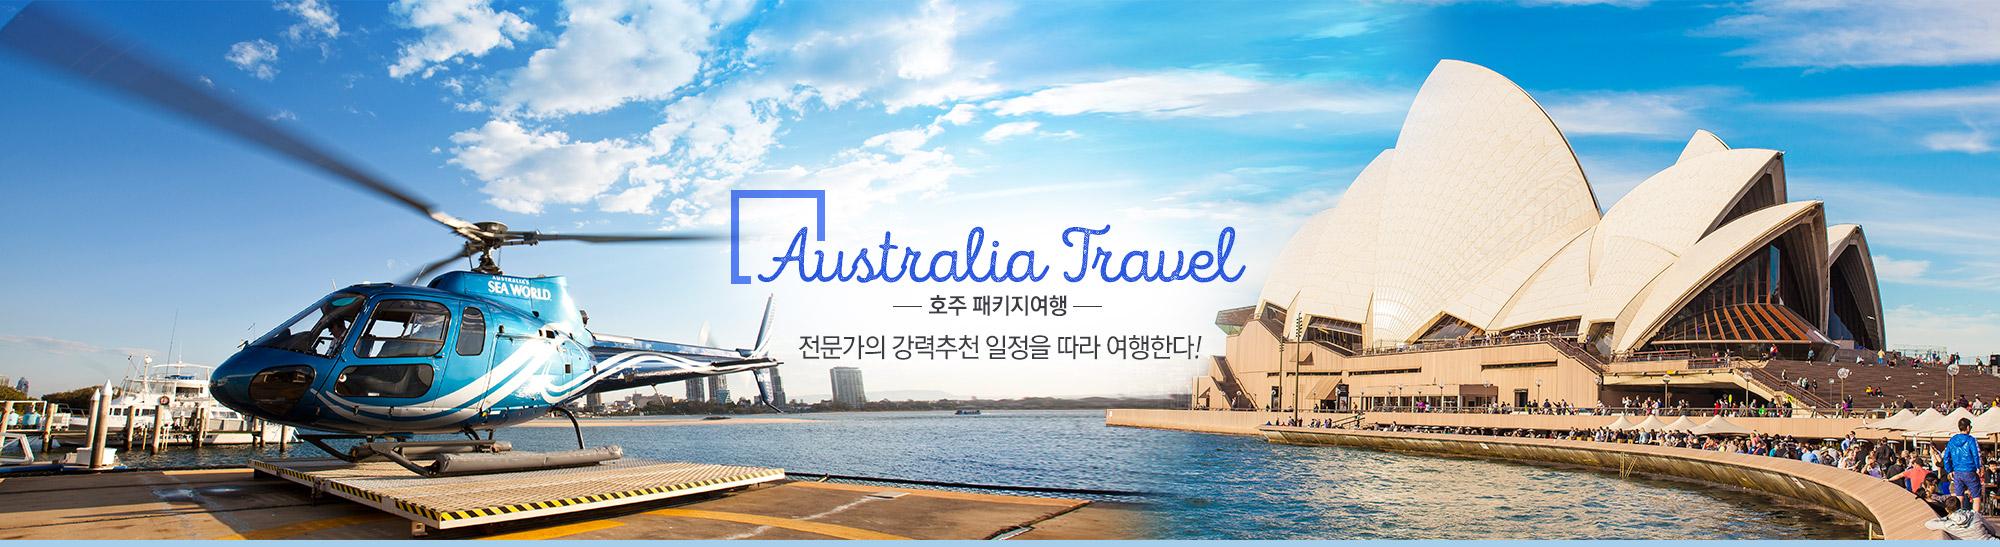 호주 패키지여행, 전문가의 강력추천일정을따라 여행한다!